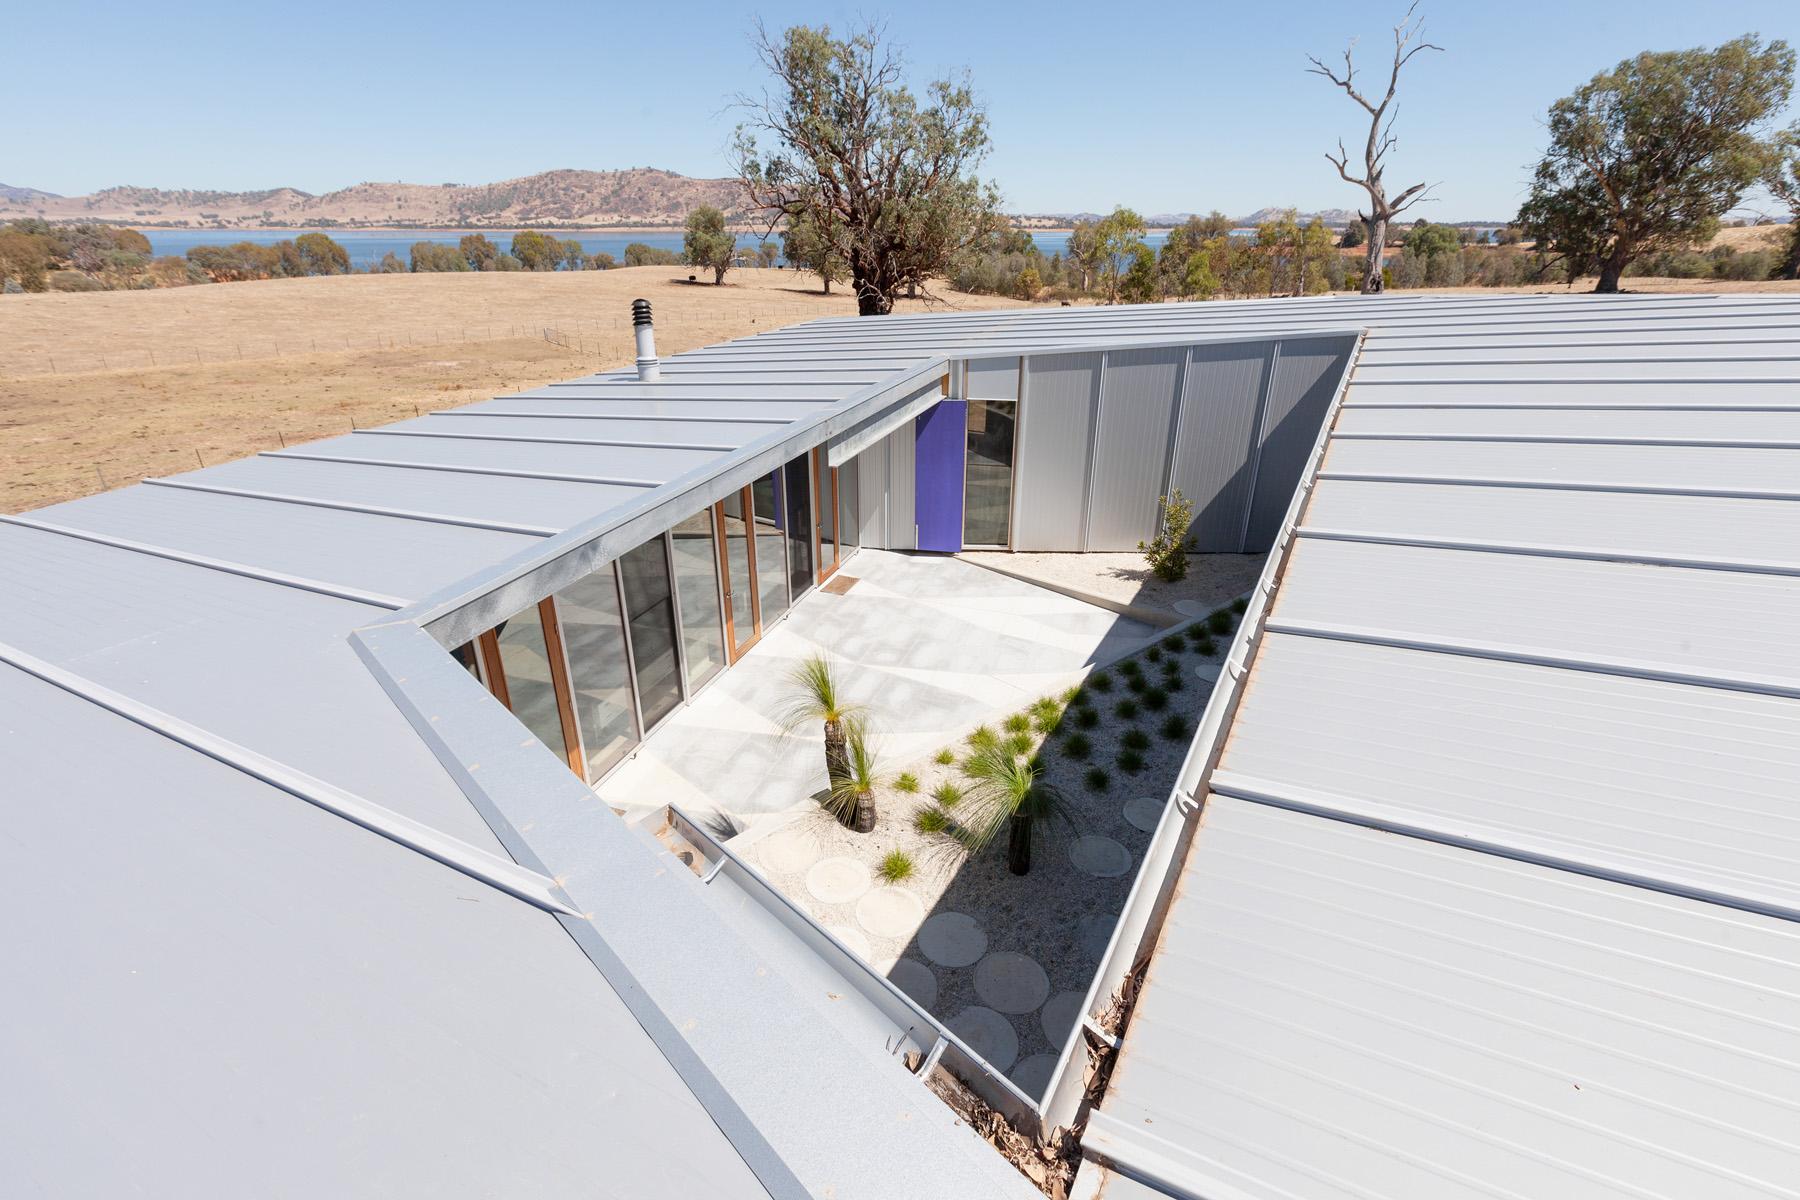 Sustainable tUGworkshop BethangaHouse architecture and designAustralian Architecture and Design Awards 2015 WinnersSustainable tUGworkshop BethangaHouse